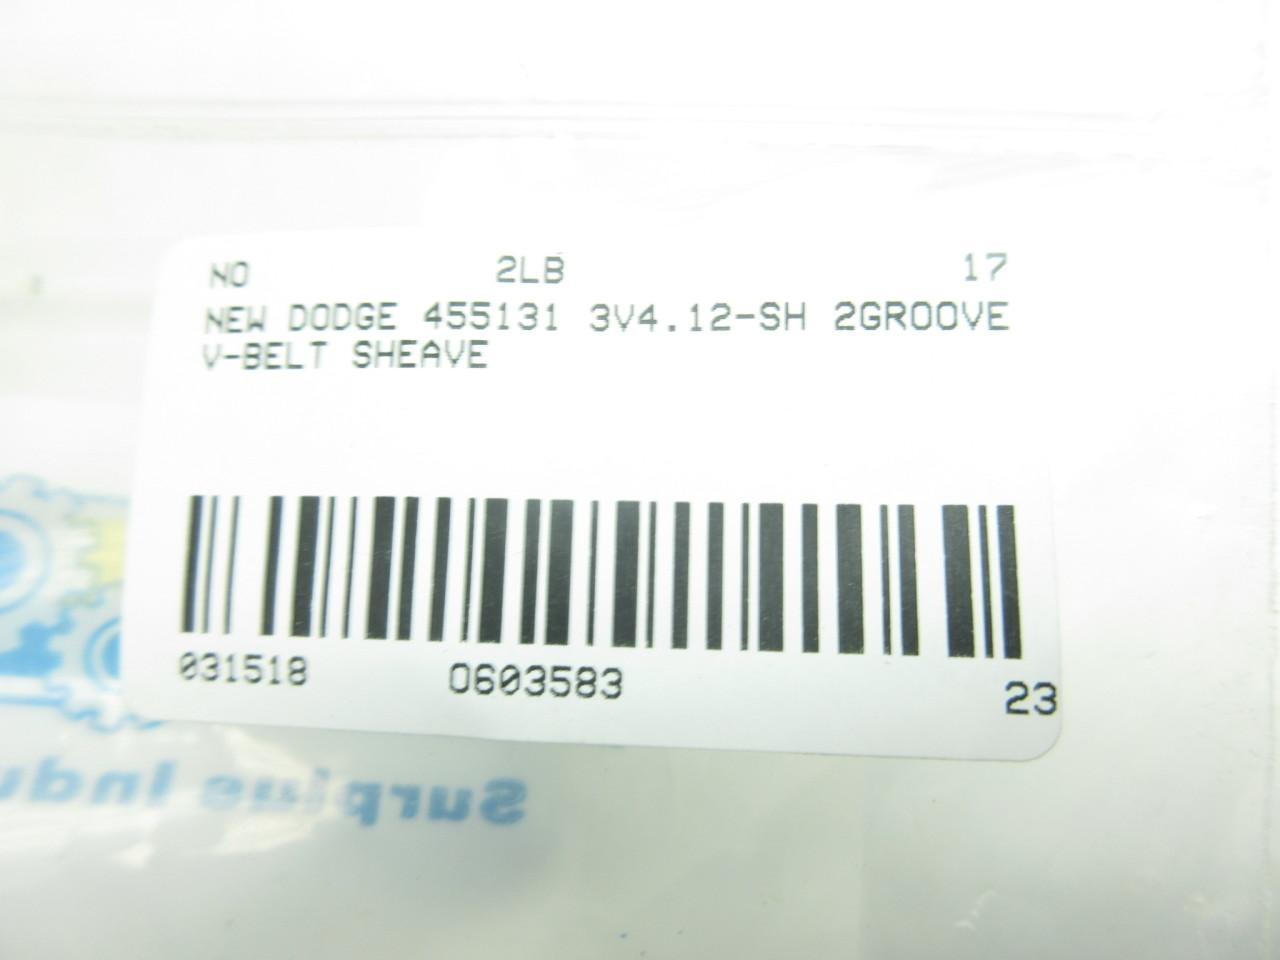 Dodge 455131 2//3V4.12-SH 2groove V-belt Sheave